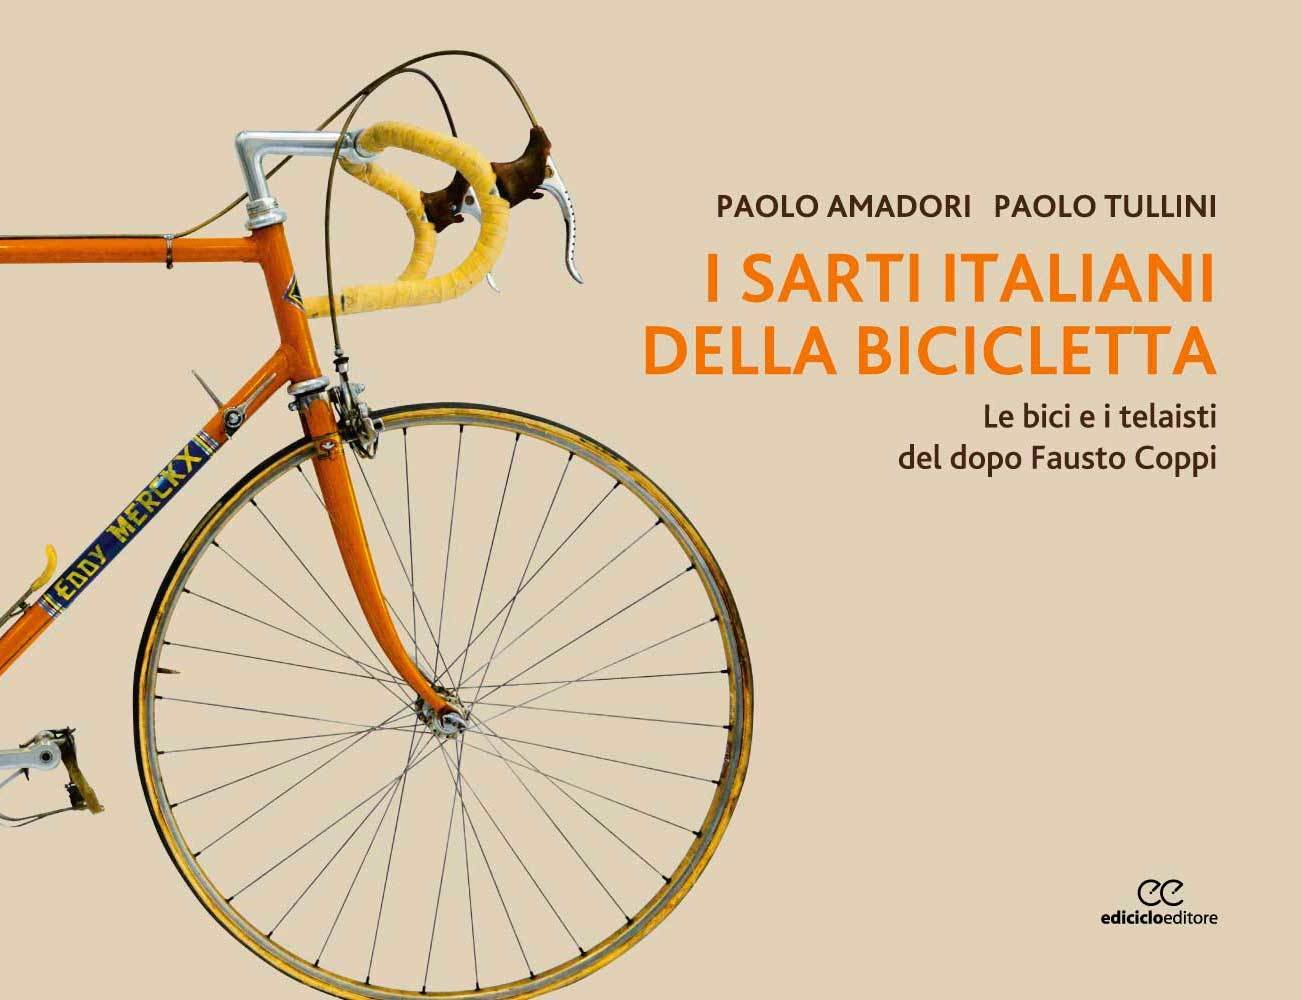 Paolo Amadori, Paolo Tullini - I sarti italiani della bicicletta LIB0045